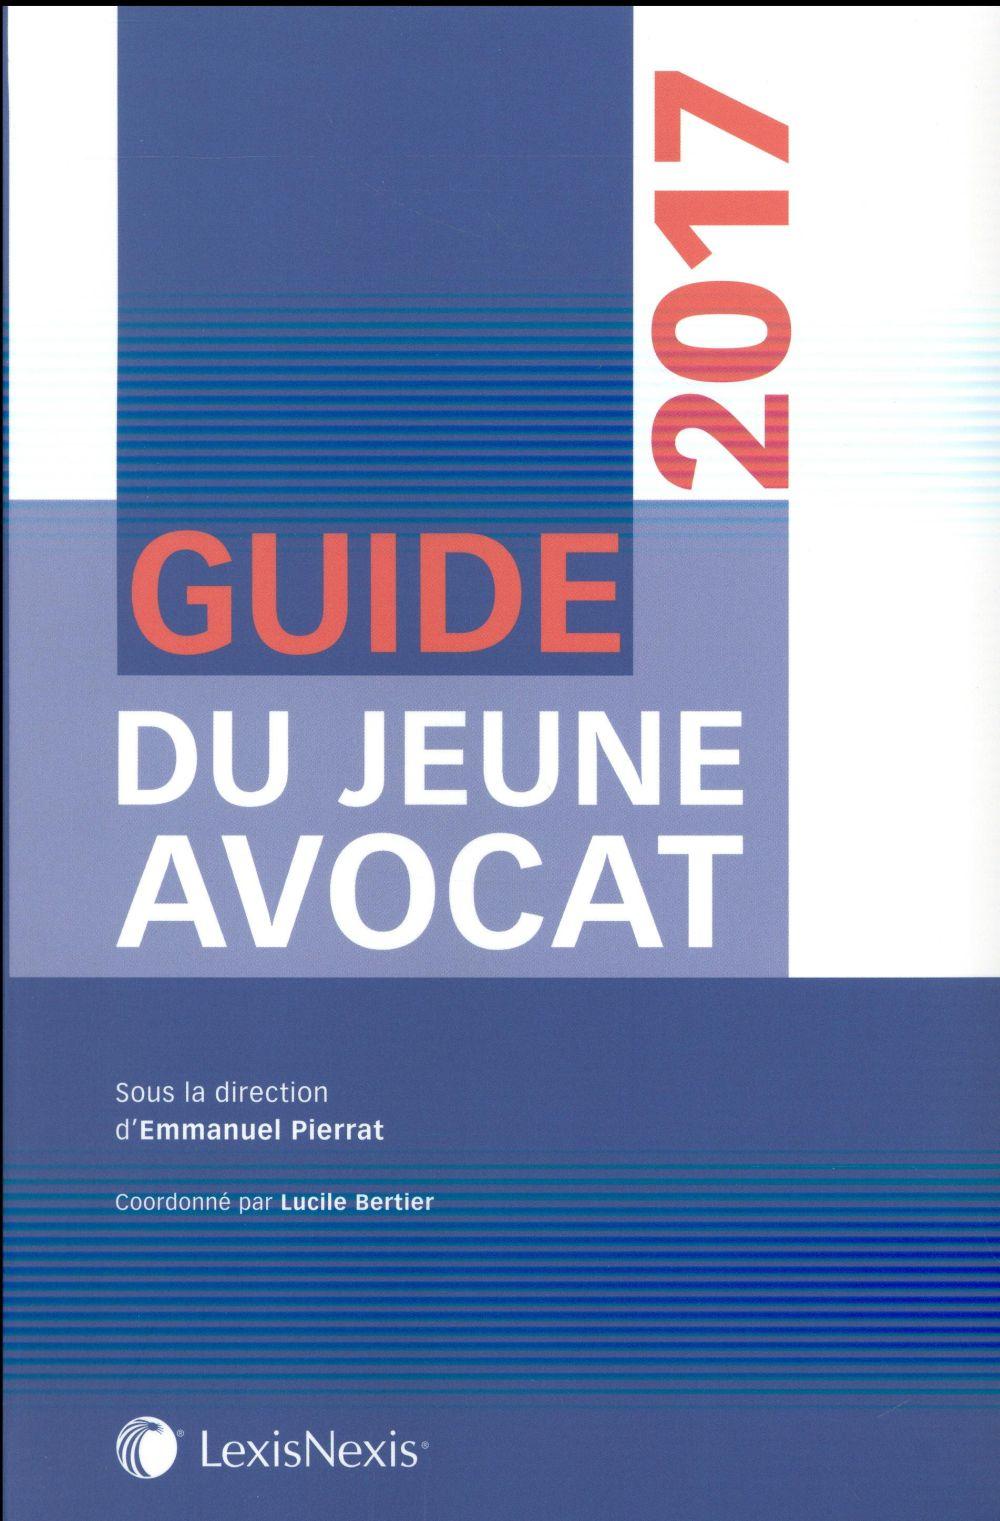 Guide du jeune avocat (édition 2017)